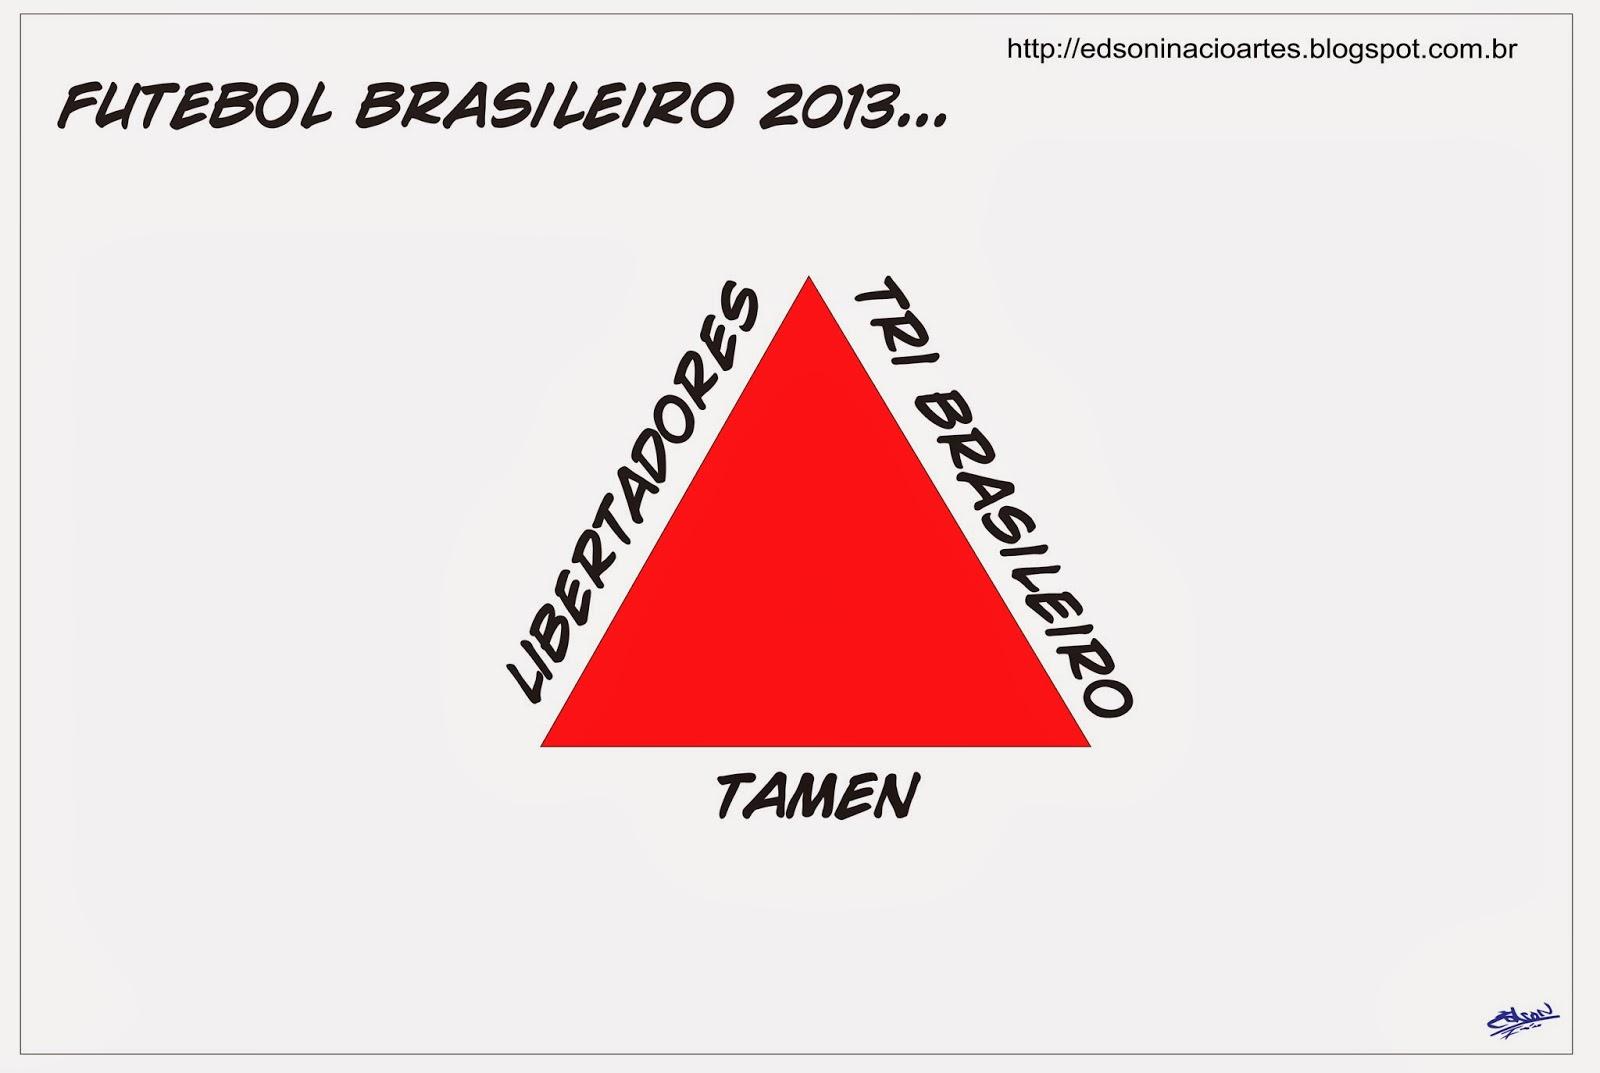 Atlético Mineiro e Cruzeiro frustram Globo. Esvaziam o interesse do mercado  que mais importa c19698049af62